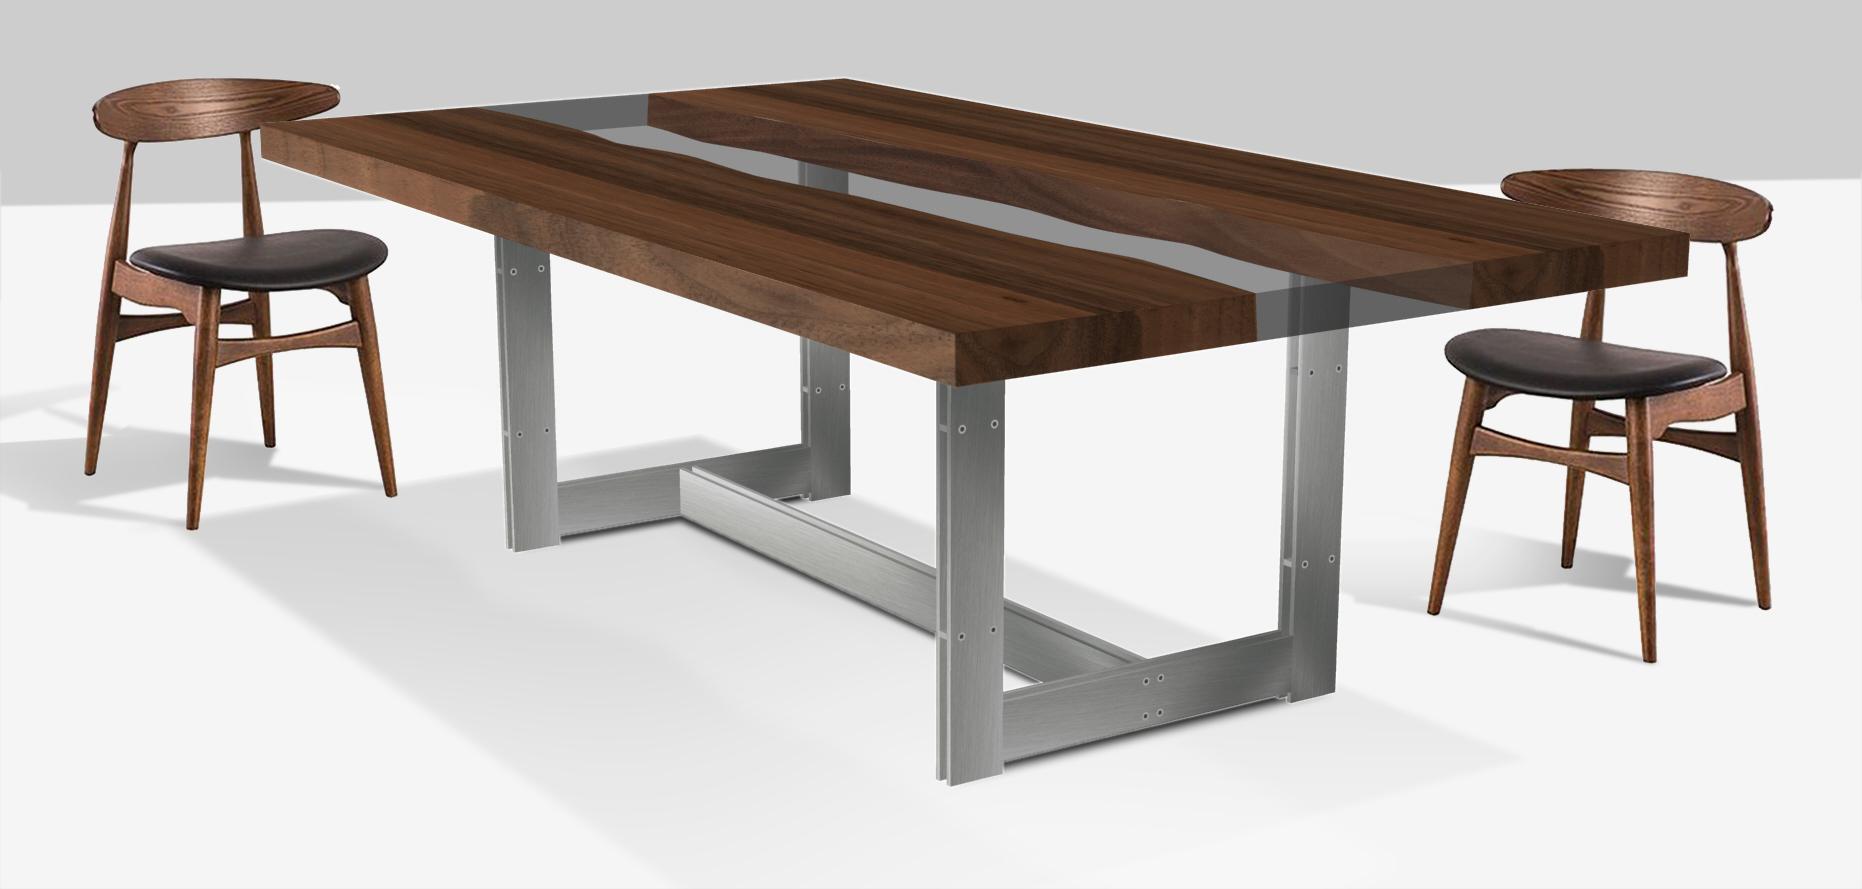 tavolo casarotto design legno noce nazionale resina 3